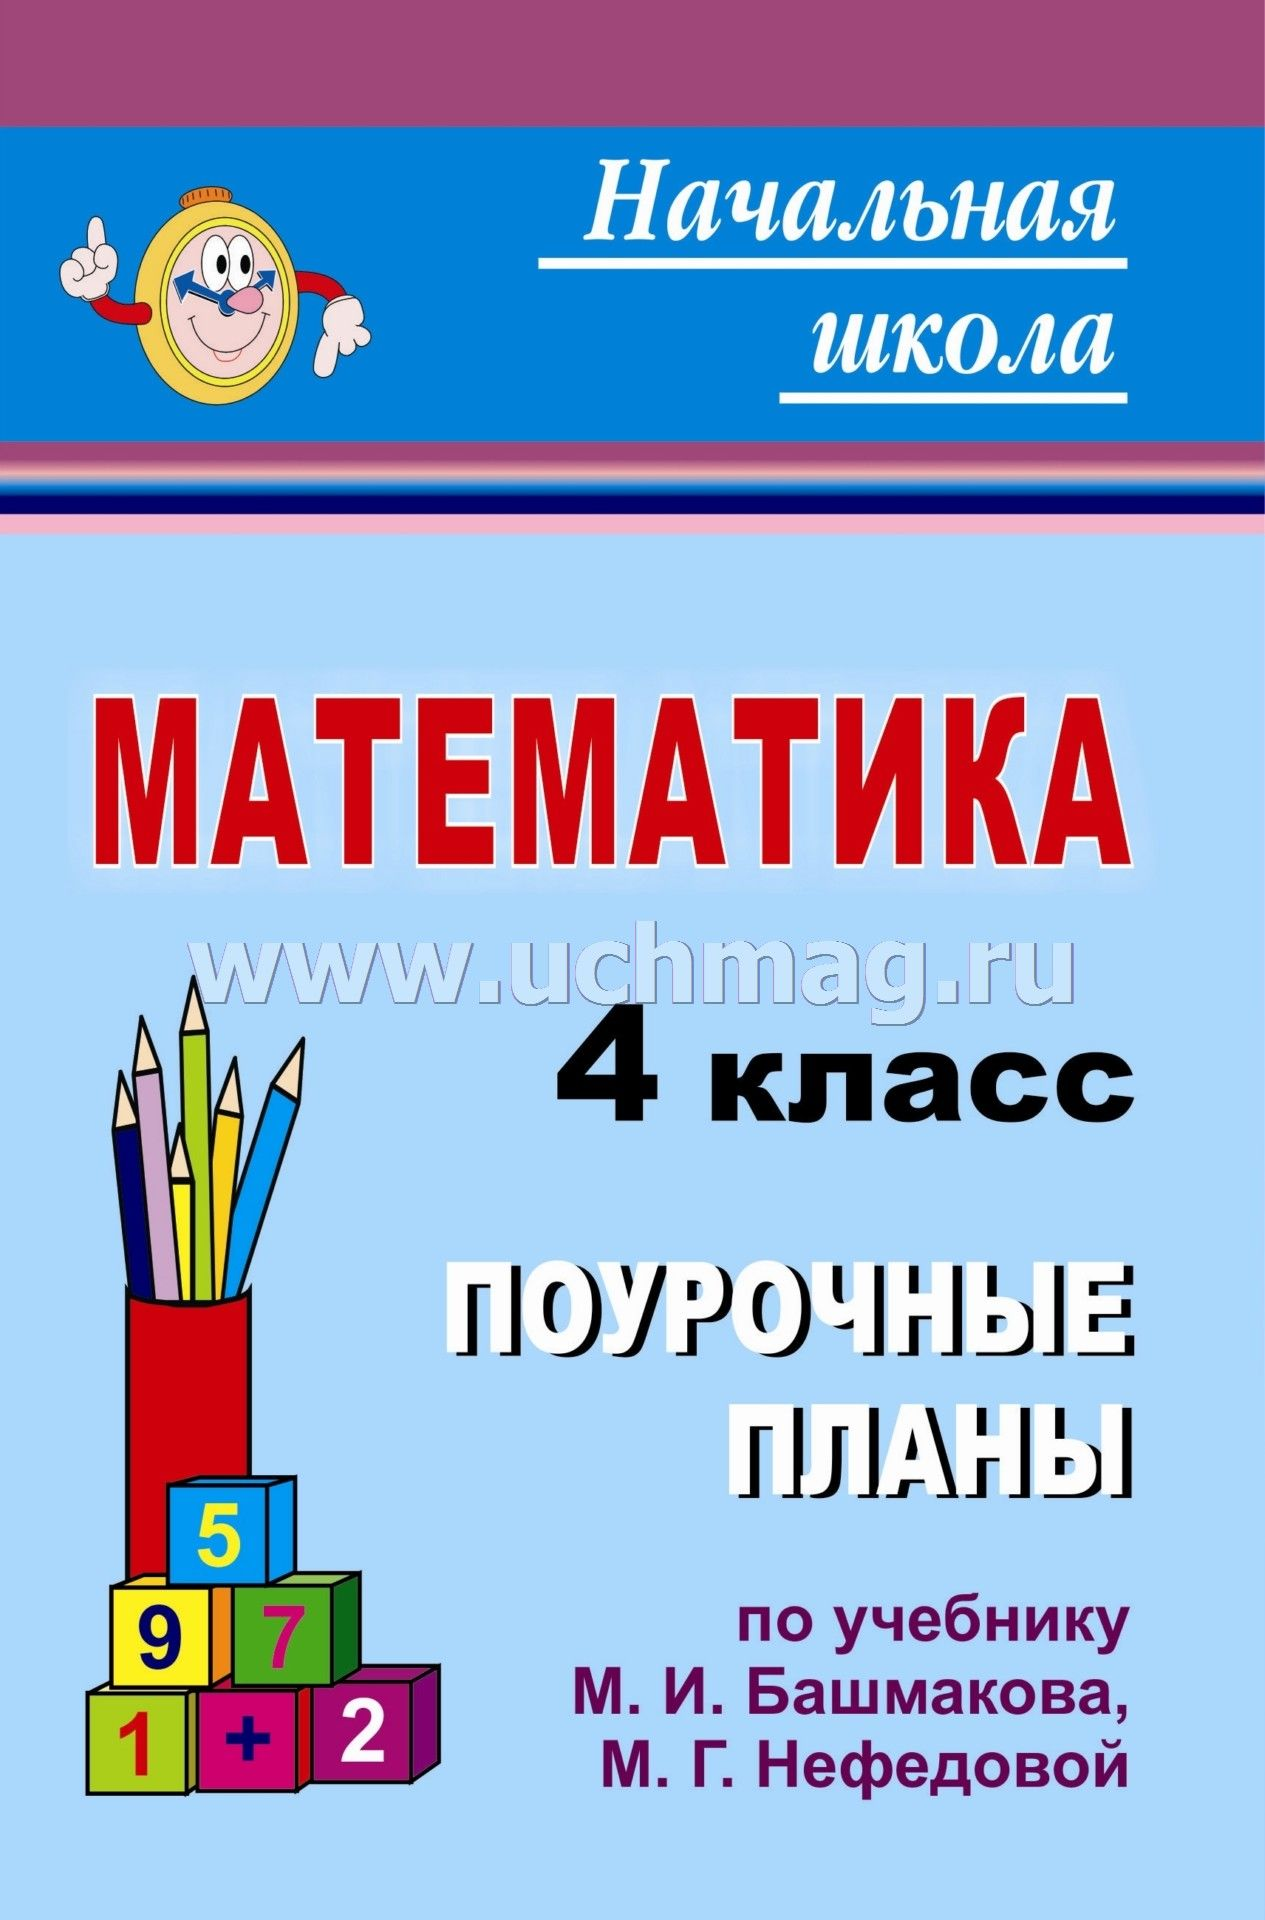 гдз онлайн 4класс математика м.и.башмаков м.г.нефёдова скачать бесплатно